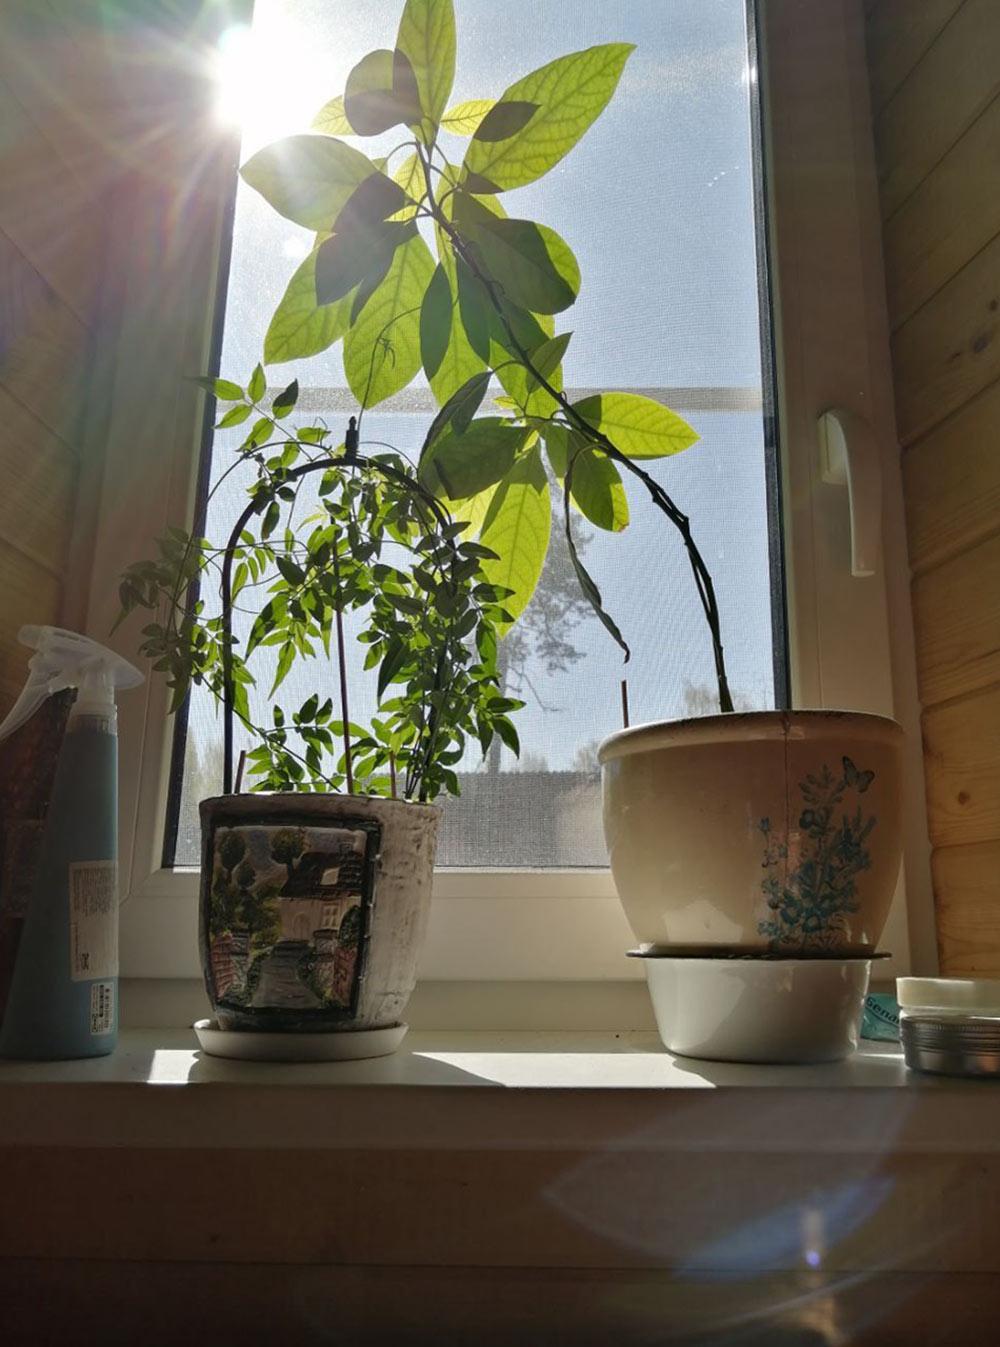 За окном поют птички, и солнце светит сквозь растущее на окне авокадо